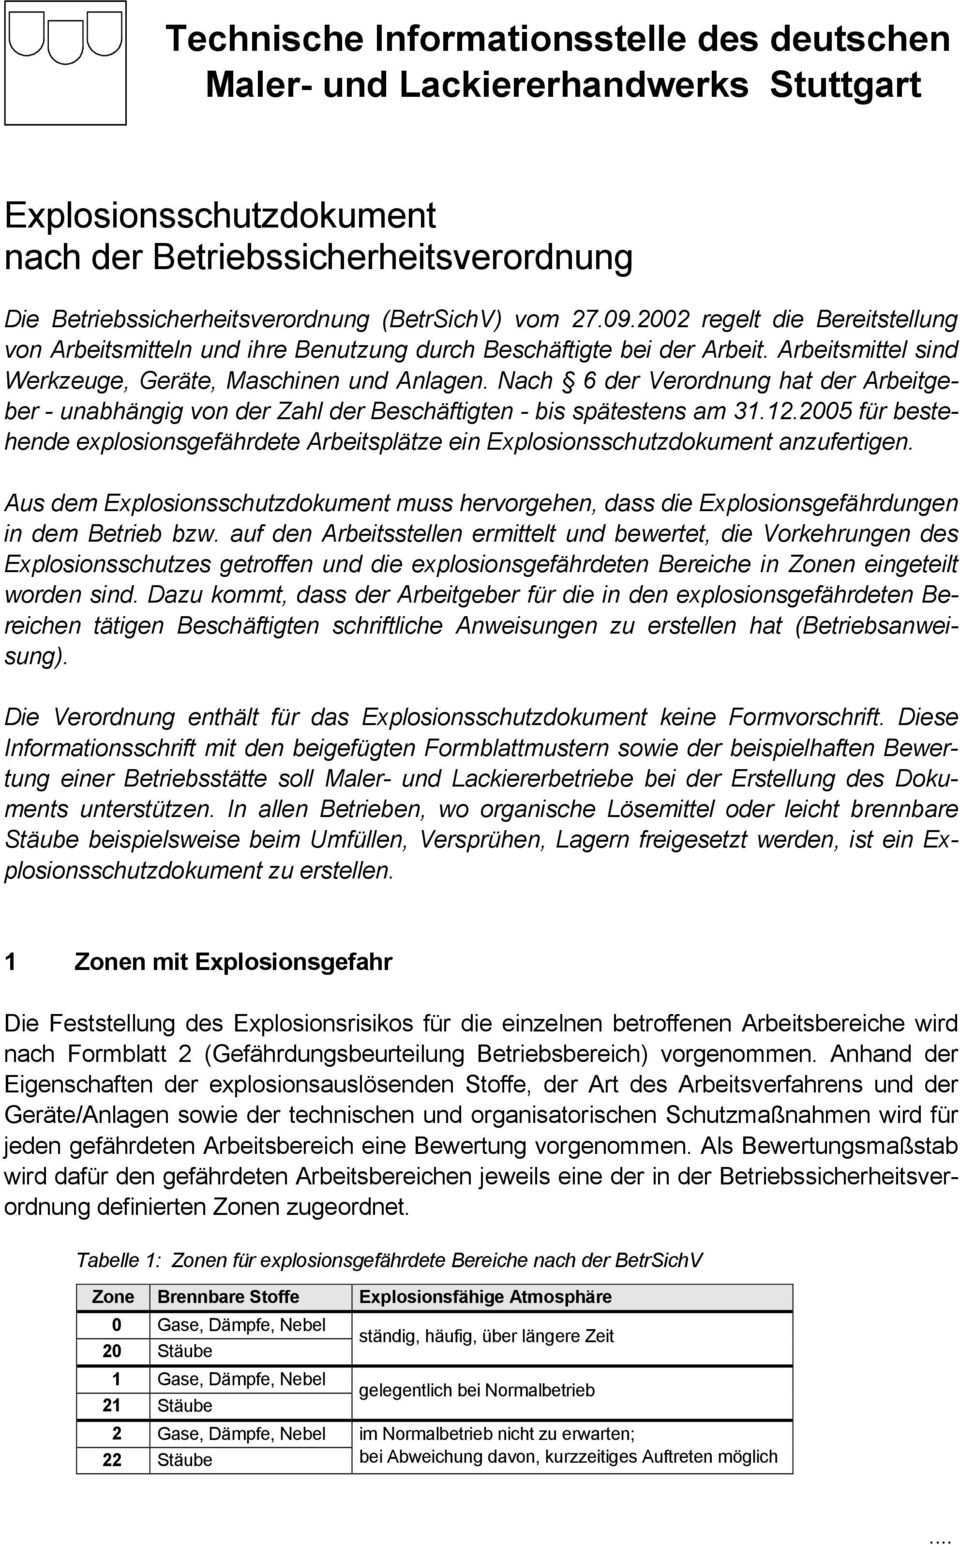 Technische Informationsstelle Des Deutschen Maler Und Lackiererhandwerks Stuttgart Explosionsschutzdokument Nach Der Betriebssicherheitsverordnung Pdf Free Download